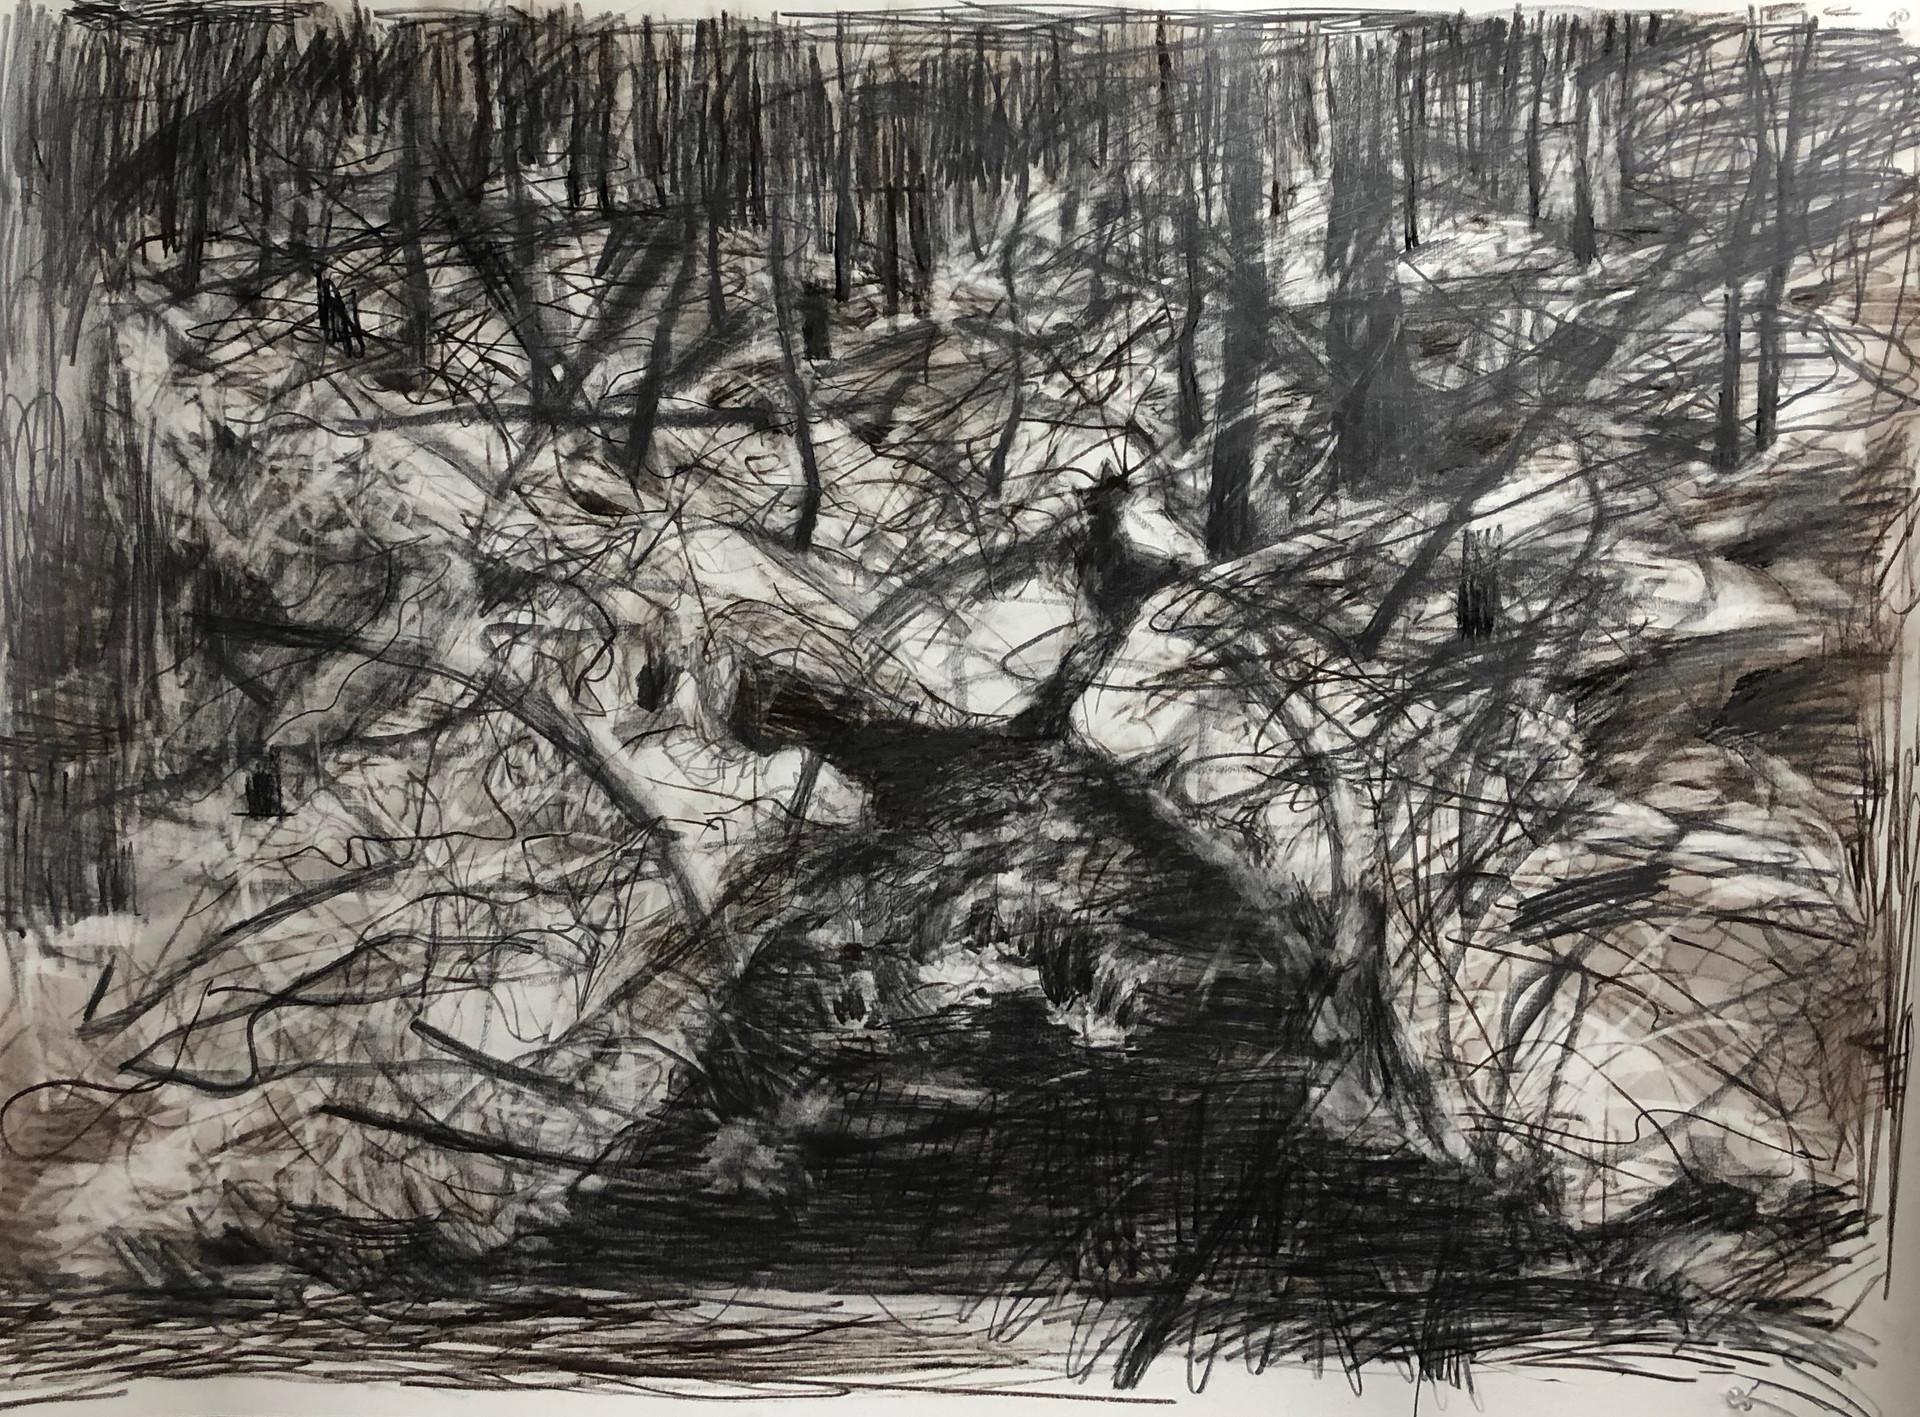 風景(手稲) | 色鉛筆、パステル、紙 1030mm ☓ 1456mm | 2018